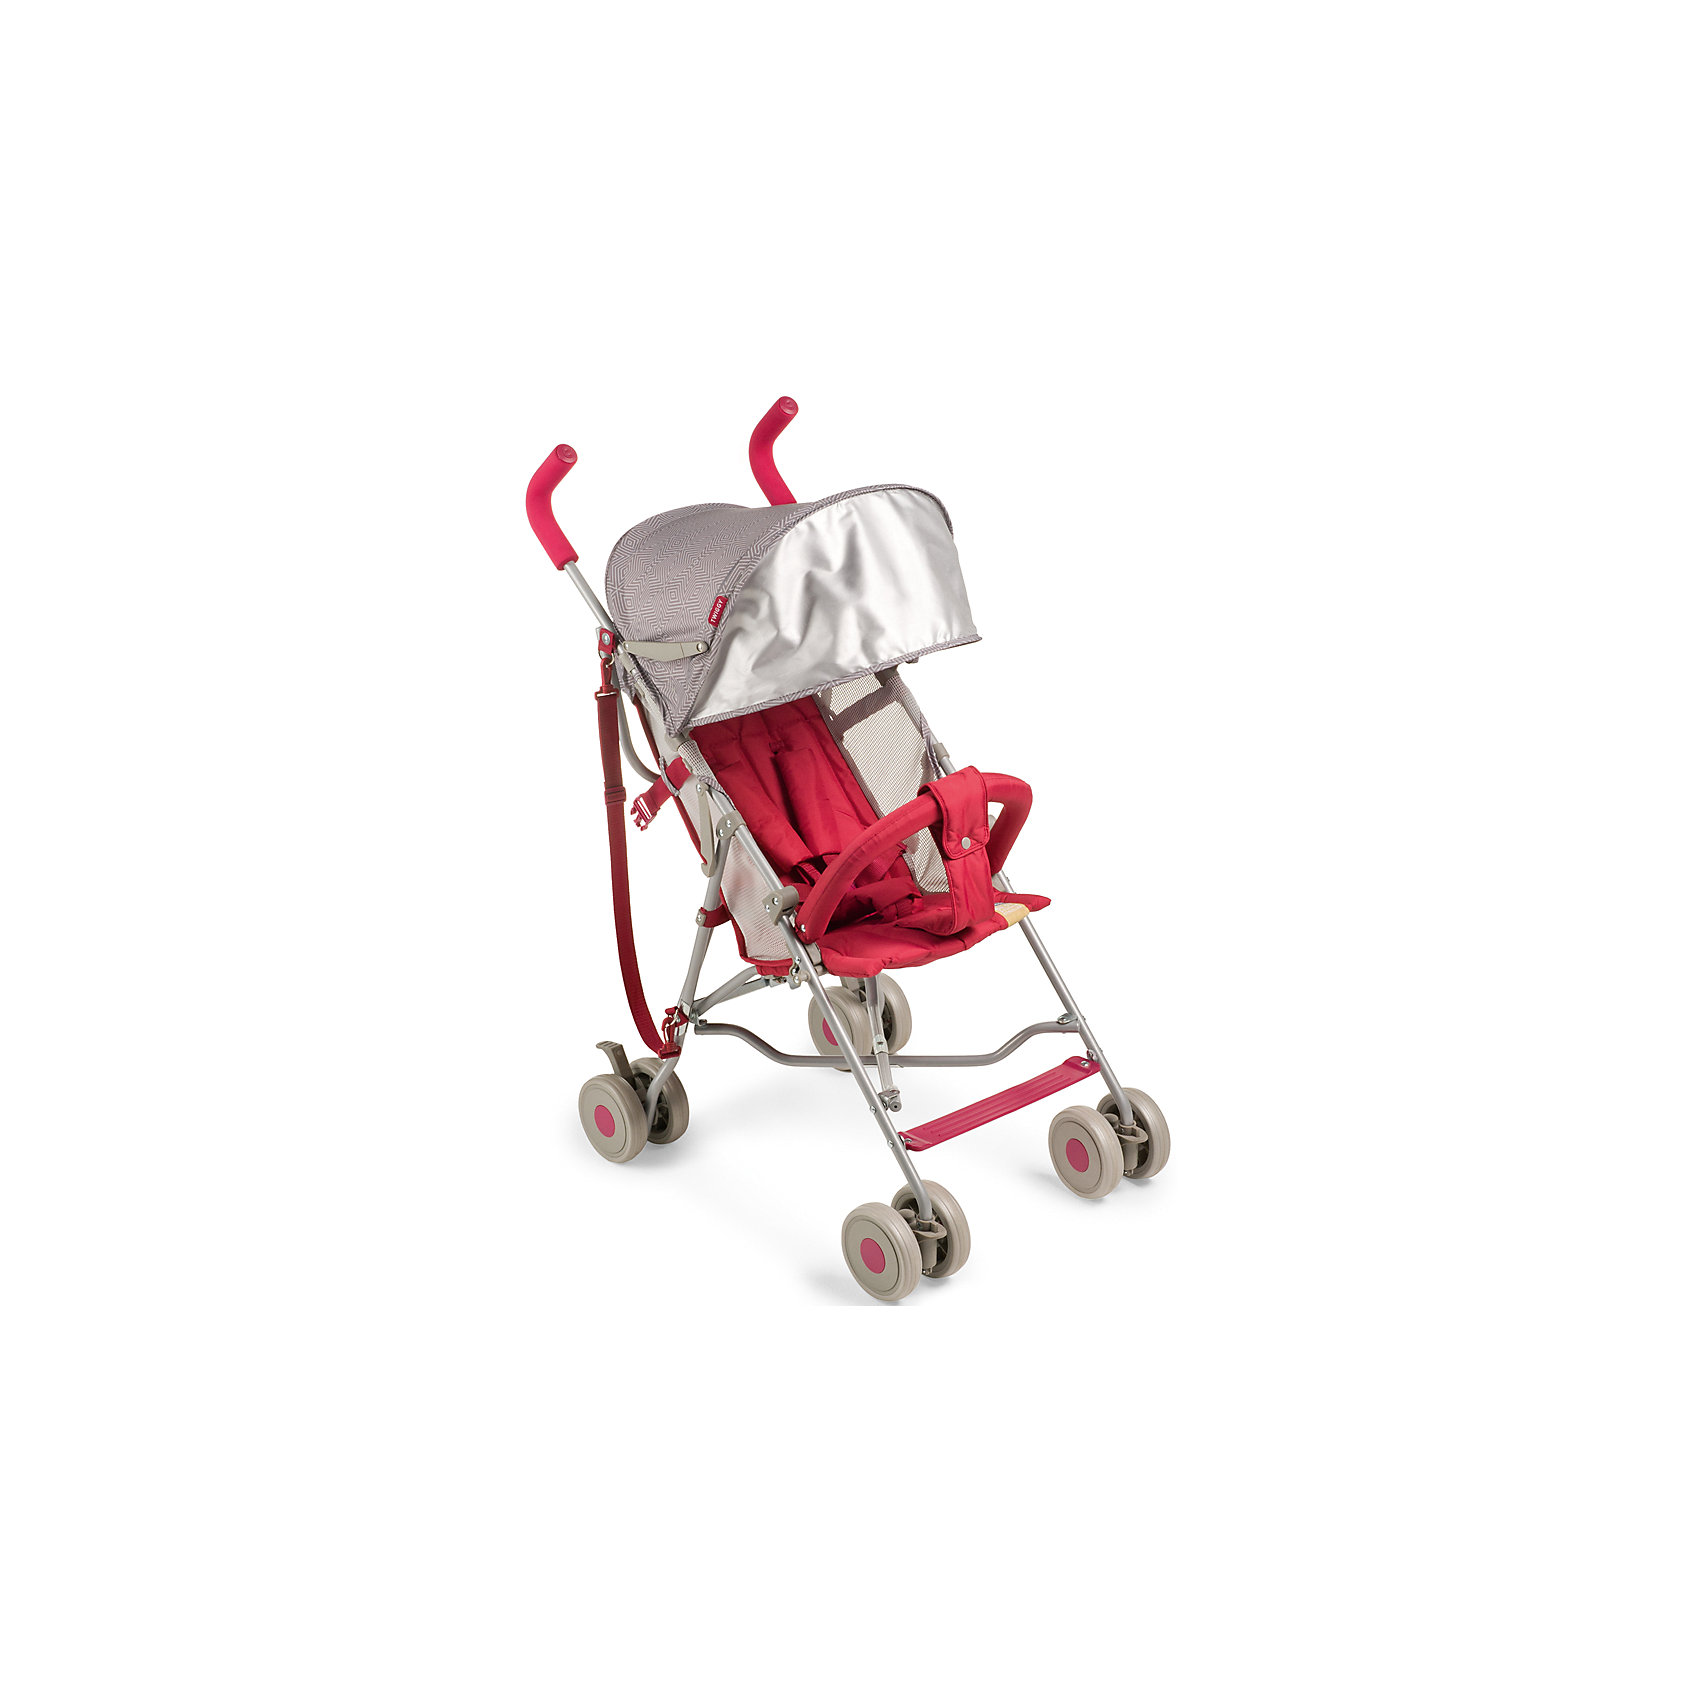 Коляска-трость Happy Baby Twiggy, красныйНедорогие коляски<br>Коляска TWIGGY создана специально для тех, кто ценит максимальный комфорт при минимальном весе. Отличный ход обеспечивают сдвоенные колеса, из которых передние поворотные на 360? с возможностью фиксации. Передние колеса с амортизацией, что дает дополнительный комфорт для ребенка. При весе всего 4,35 кг TWIGGY имеет пятиточечные ремни безопасности, мягкие нескользящие ручки, съемный бампер, большой капюшон с возможностью увеличения, ремень для переноски, подстаканник.<br><br>Дополнительная информация:<br><br>Максимальный вес ребенка: 15 кг<br>В разложенном виде ДхШхВ: 74х51х98 см<br>В сложенном виде ДхШхВ: 109х29х34 см<br>Вес коляски: 4,35 кг<br>Ширина сиденья: 30 см<br>Глубина сиденья: 26 см<br>Длина спального места: 69 см<br>Ширина колесной базы: 51 см<br>Диаметр колес: 13 см<br>Кол-во положений спинки: 2 положения<br>Регулировка ручки: отсутствует<br>Регулировка подножки: отсутствует<br>Передние поворотные колеса с возможностью фиксации<br>Тип складывания: трость<br>В комплекте:, ремень для переноски, подстаканник<br><br>Коляску-трость Twiggy, Happy Baby, красную можно купить в нашем магазине.<br><br>Ширина мм: 305<br>Глубина мм: 190<br>Высота мм: 1130<br>Вес г: 6800<br>Цвет: красный<br>Возраст от месяцев: 7<br>Возраст до месяцев: 36<br>Пол: Унисекс<br>Возраст: Детский<br>SKU: 4655667